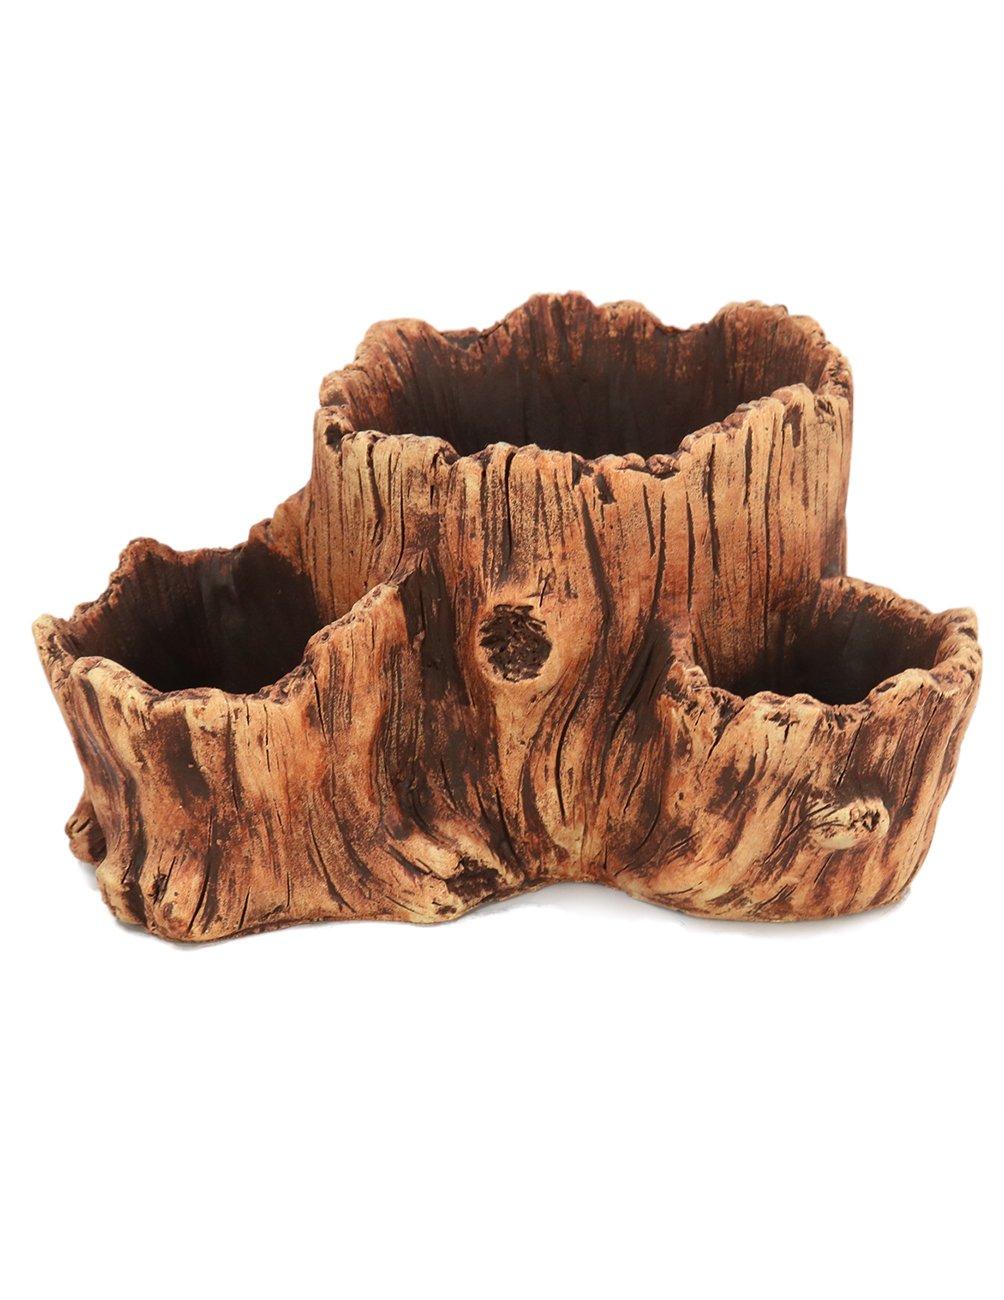 Dahlia Driftwood Stump Log Concrete Planter/Succulent Pot/Plant Pot, 10L x 7.7W